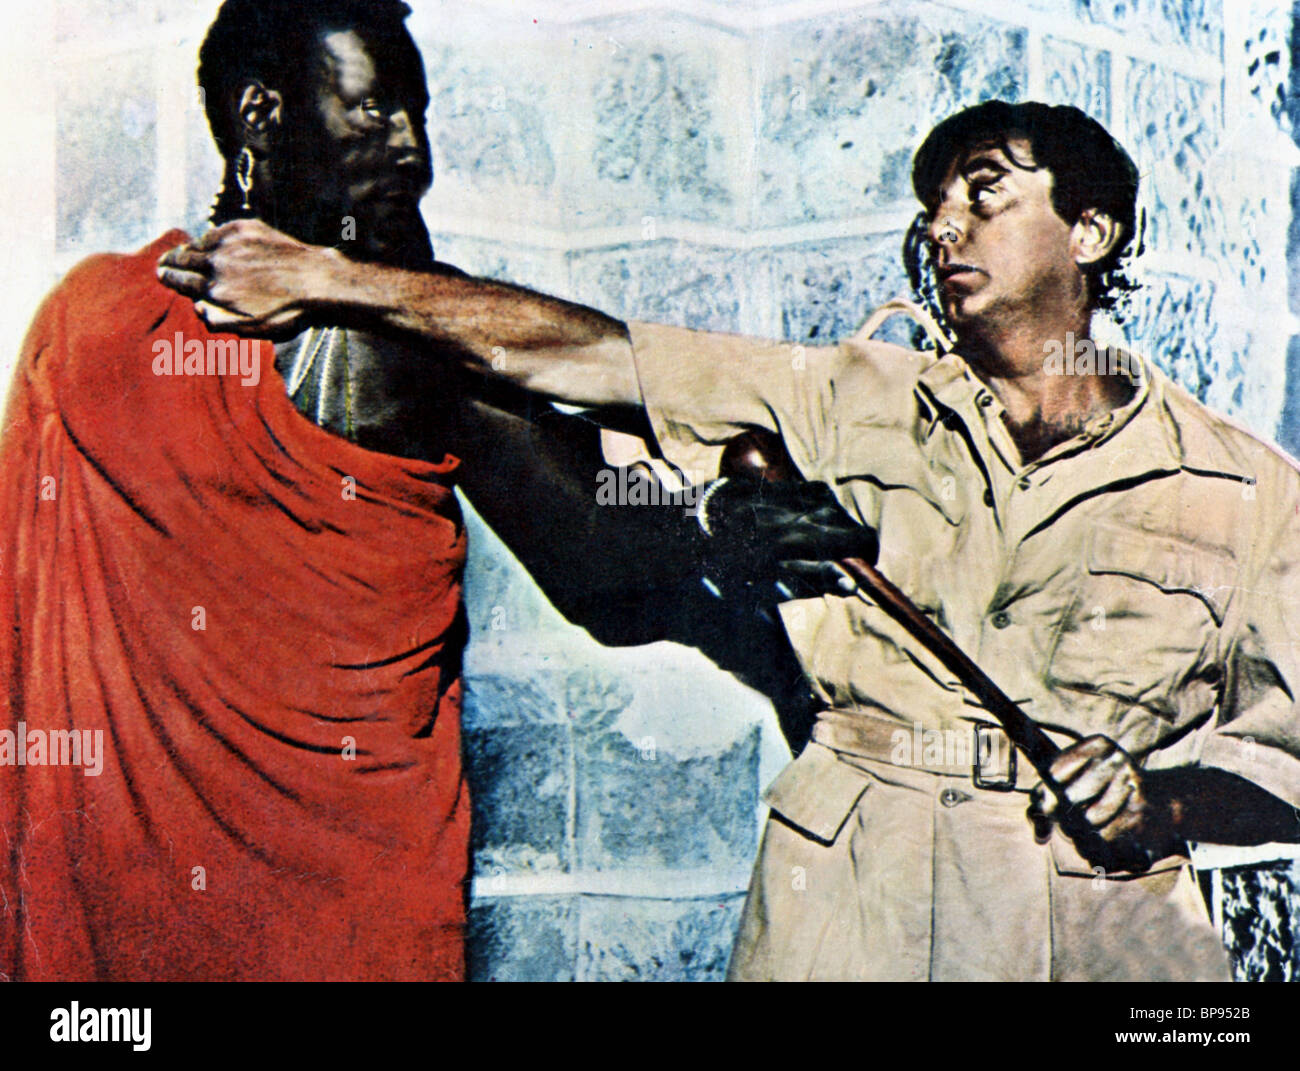 ROBERT MITCHUM MISTER MOSES (1965) Stock Photo